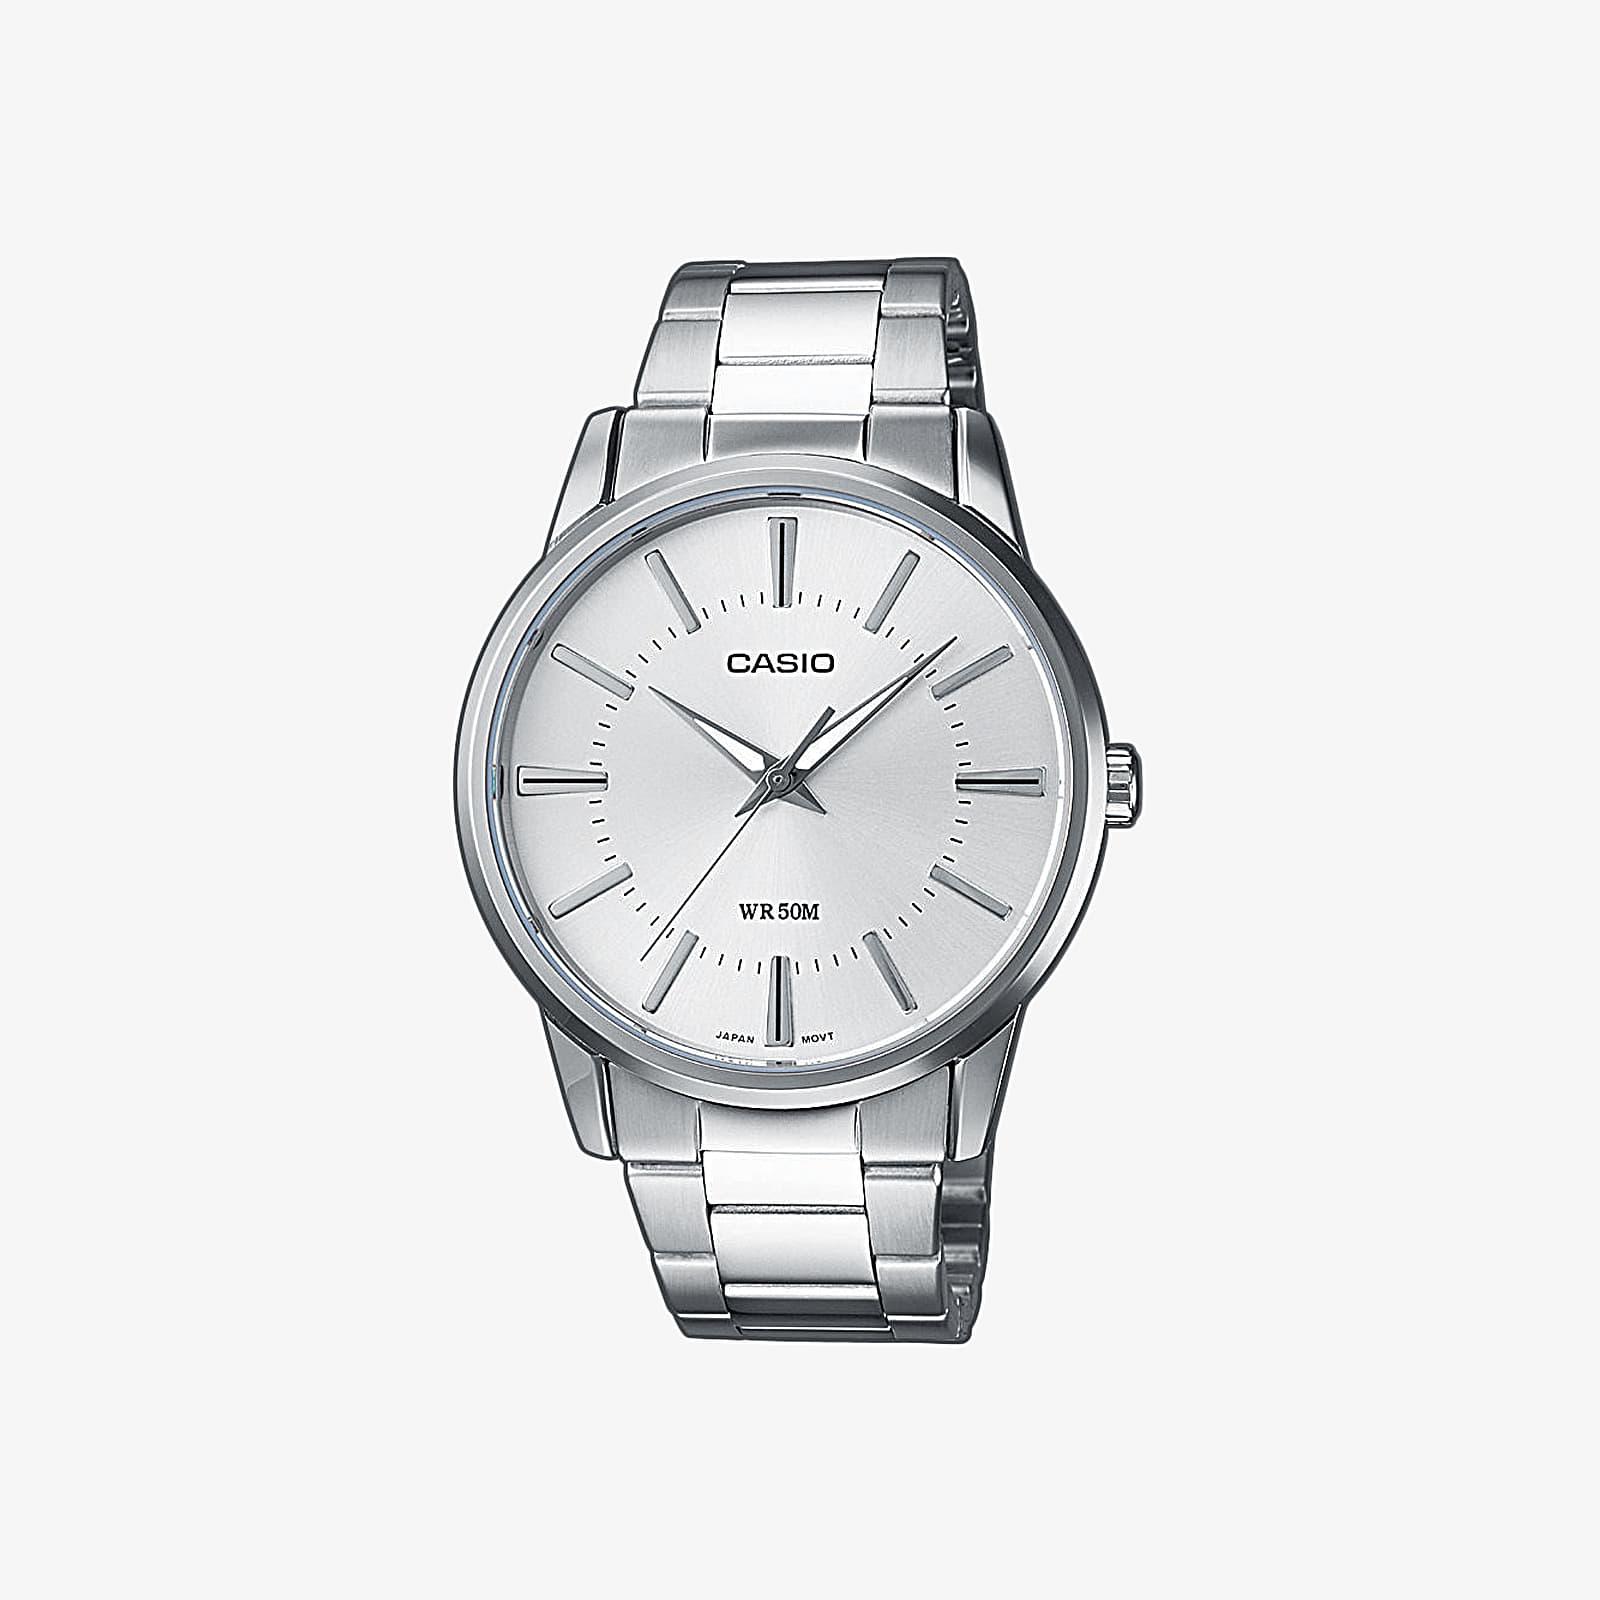 Casio MTP-1303PD-7AVEF Watch